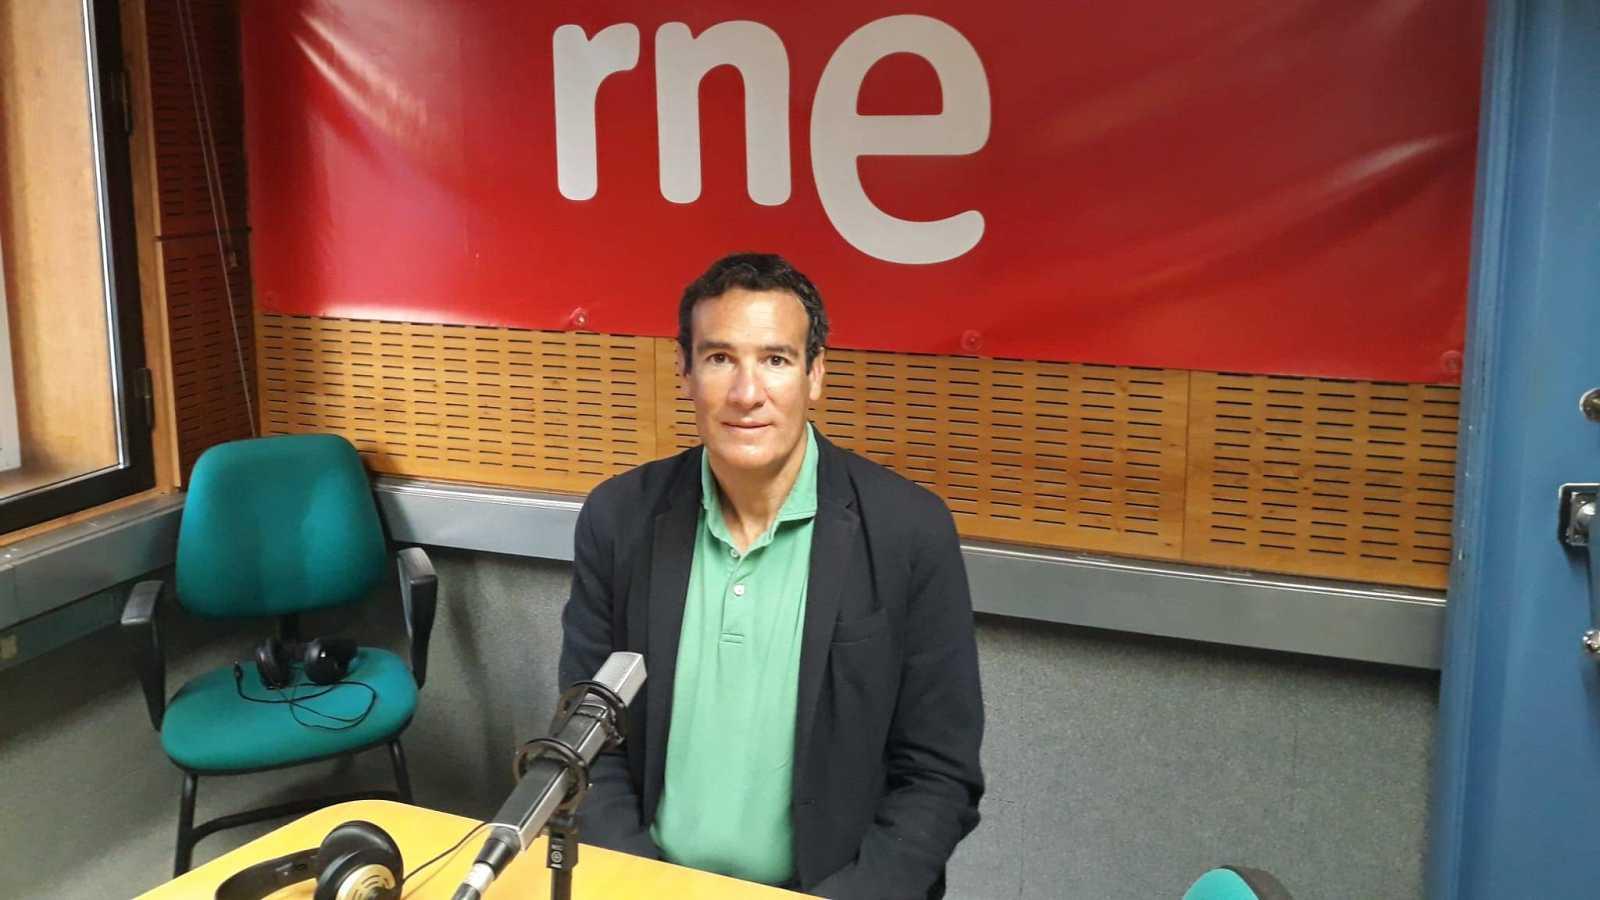 """Las mañanas de RNE con Íñigo Alfonso - Minder, corresponsal del New York Times: """"De España interesa la pandemia y las tensiones políticas"""" - Escuchar ahora"""